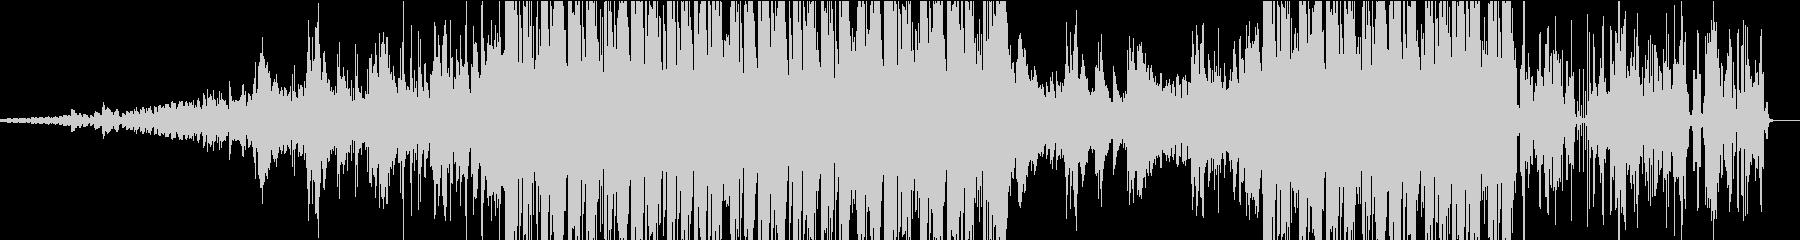 静と動のエレクトロの未再生の波形